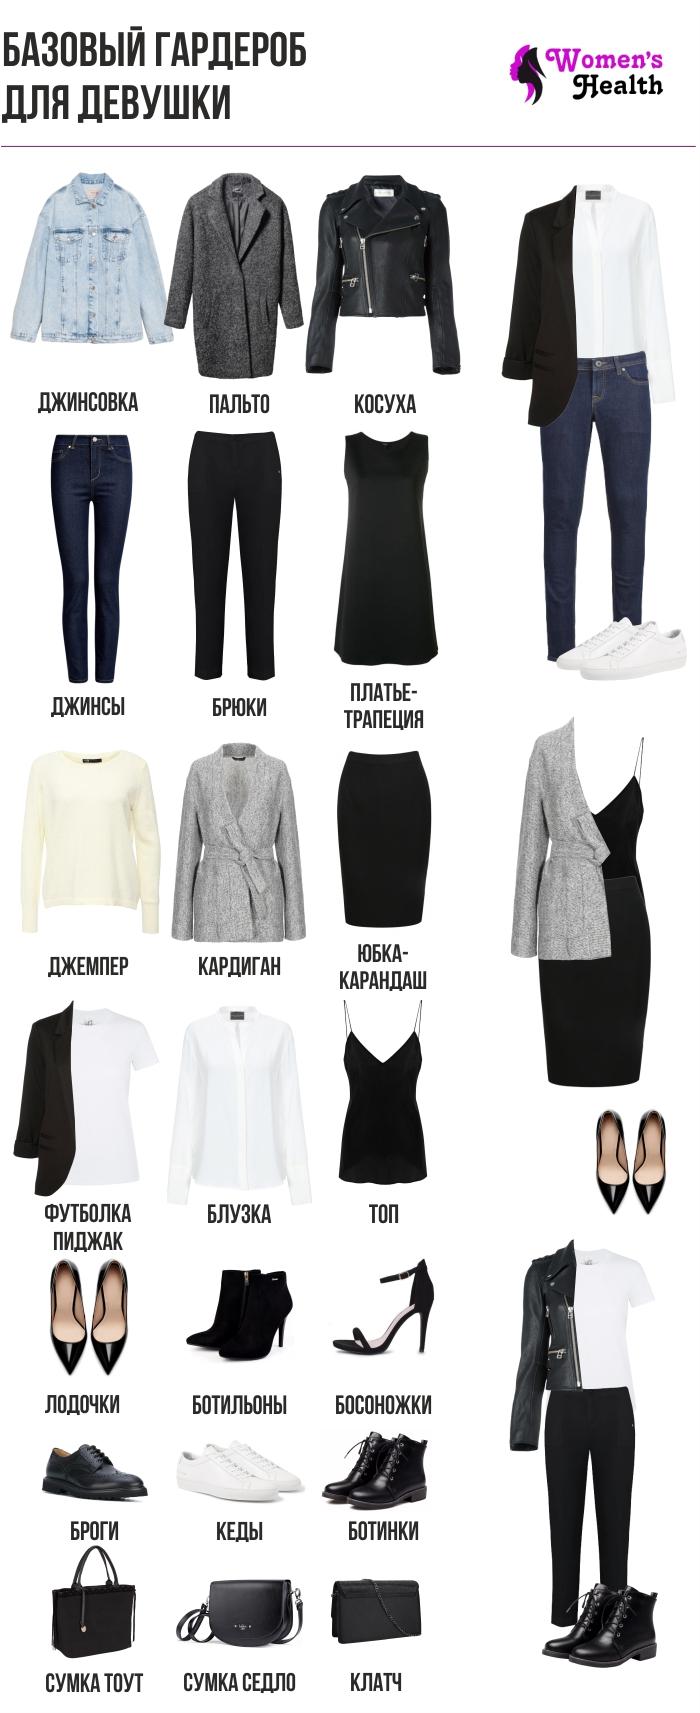 Инфографика. Список вещей для базового гардероба девушки 25-35 лет.